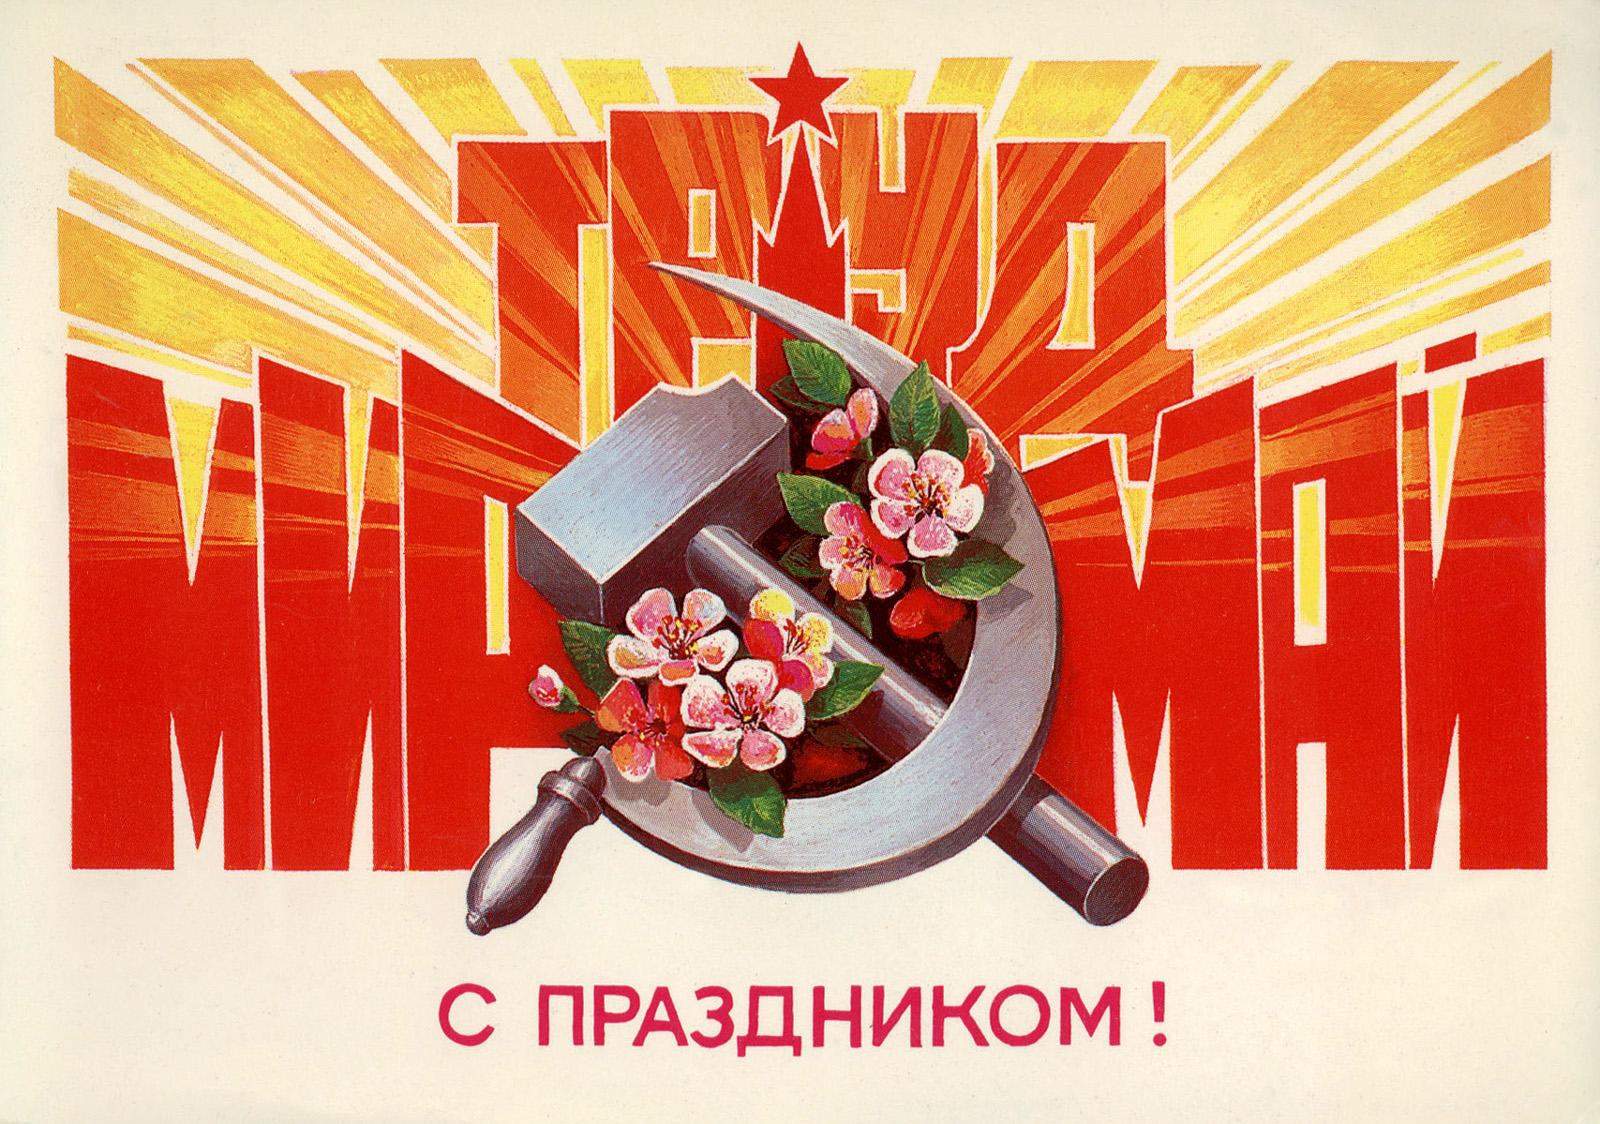 http://img-fotki.yandex.ru/get/4402/na-blyudatel.50/0_4dc92_c0f3ce5_orig.jpg height=473